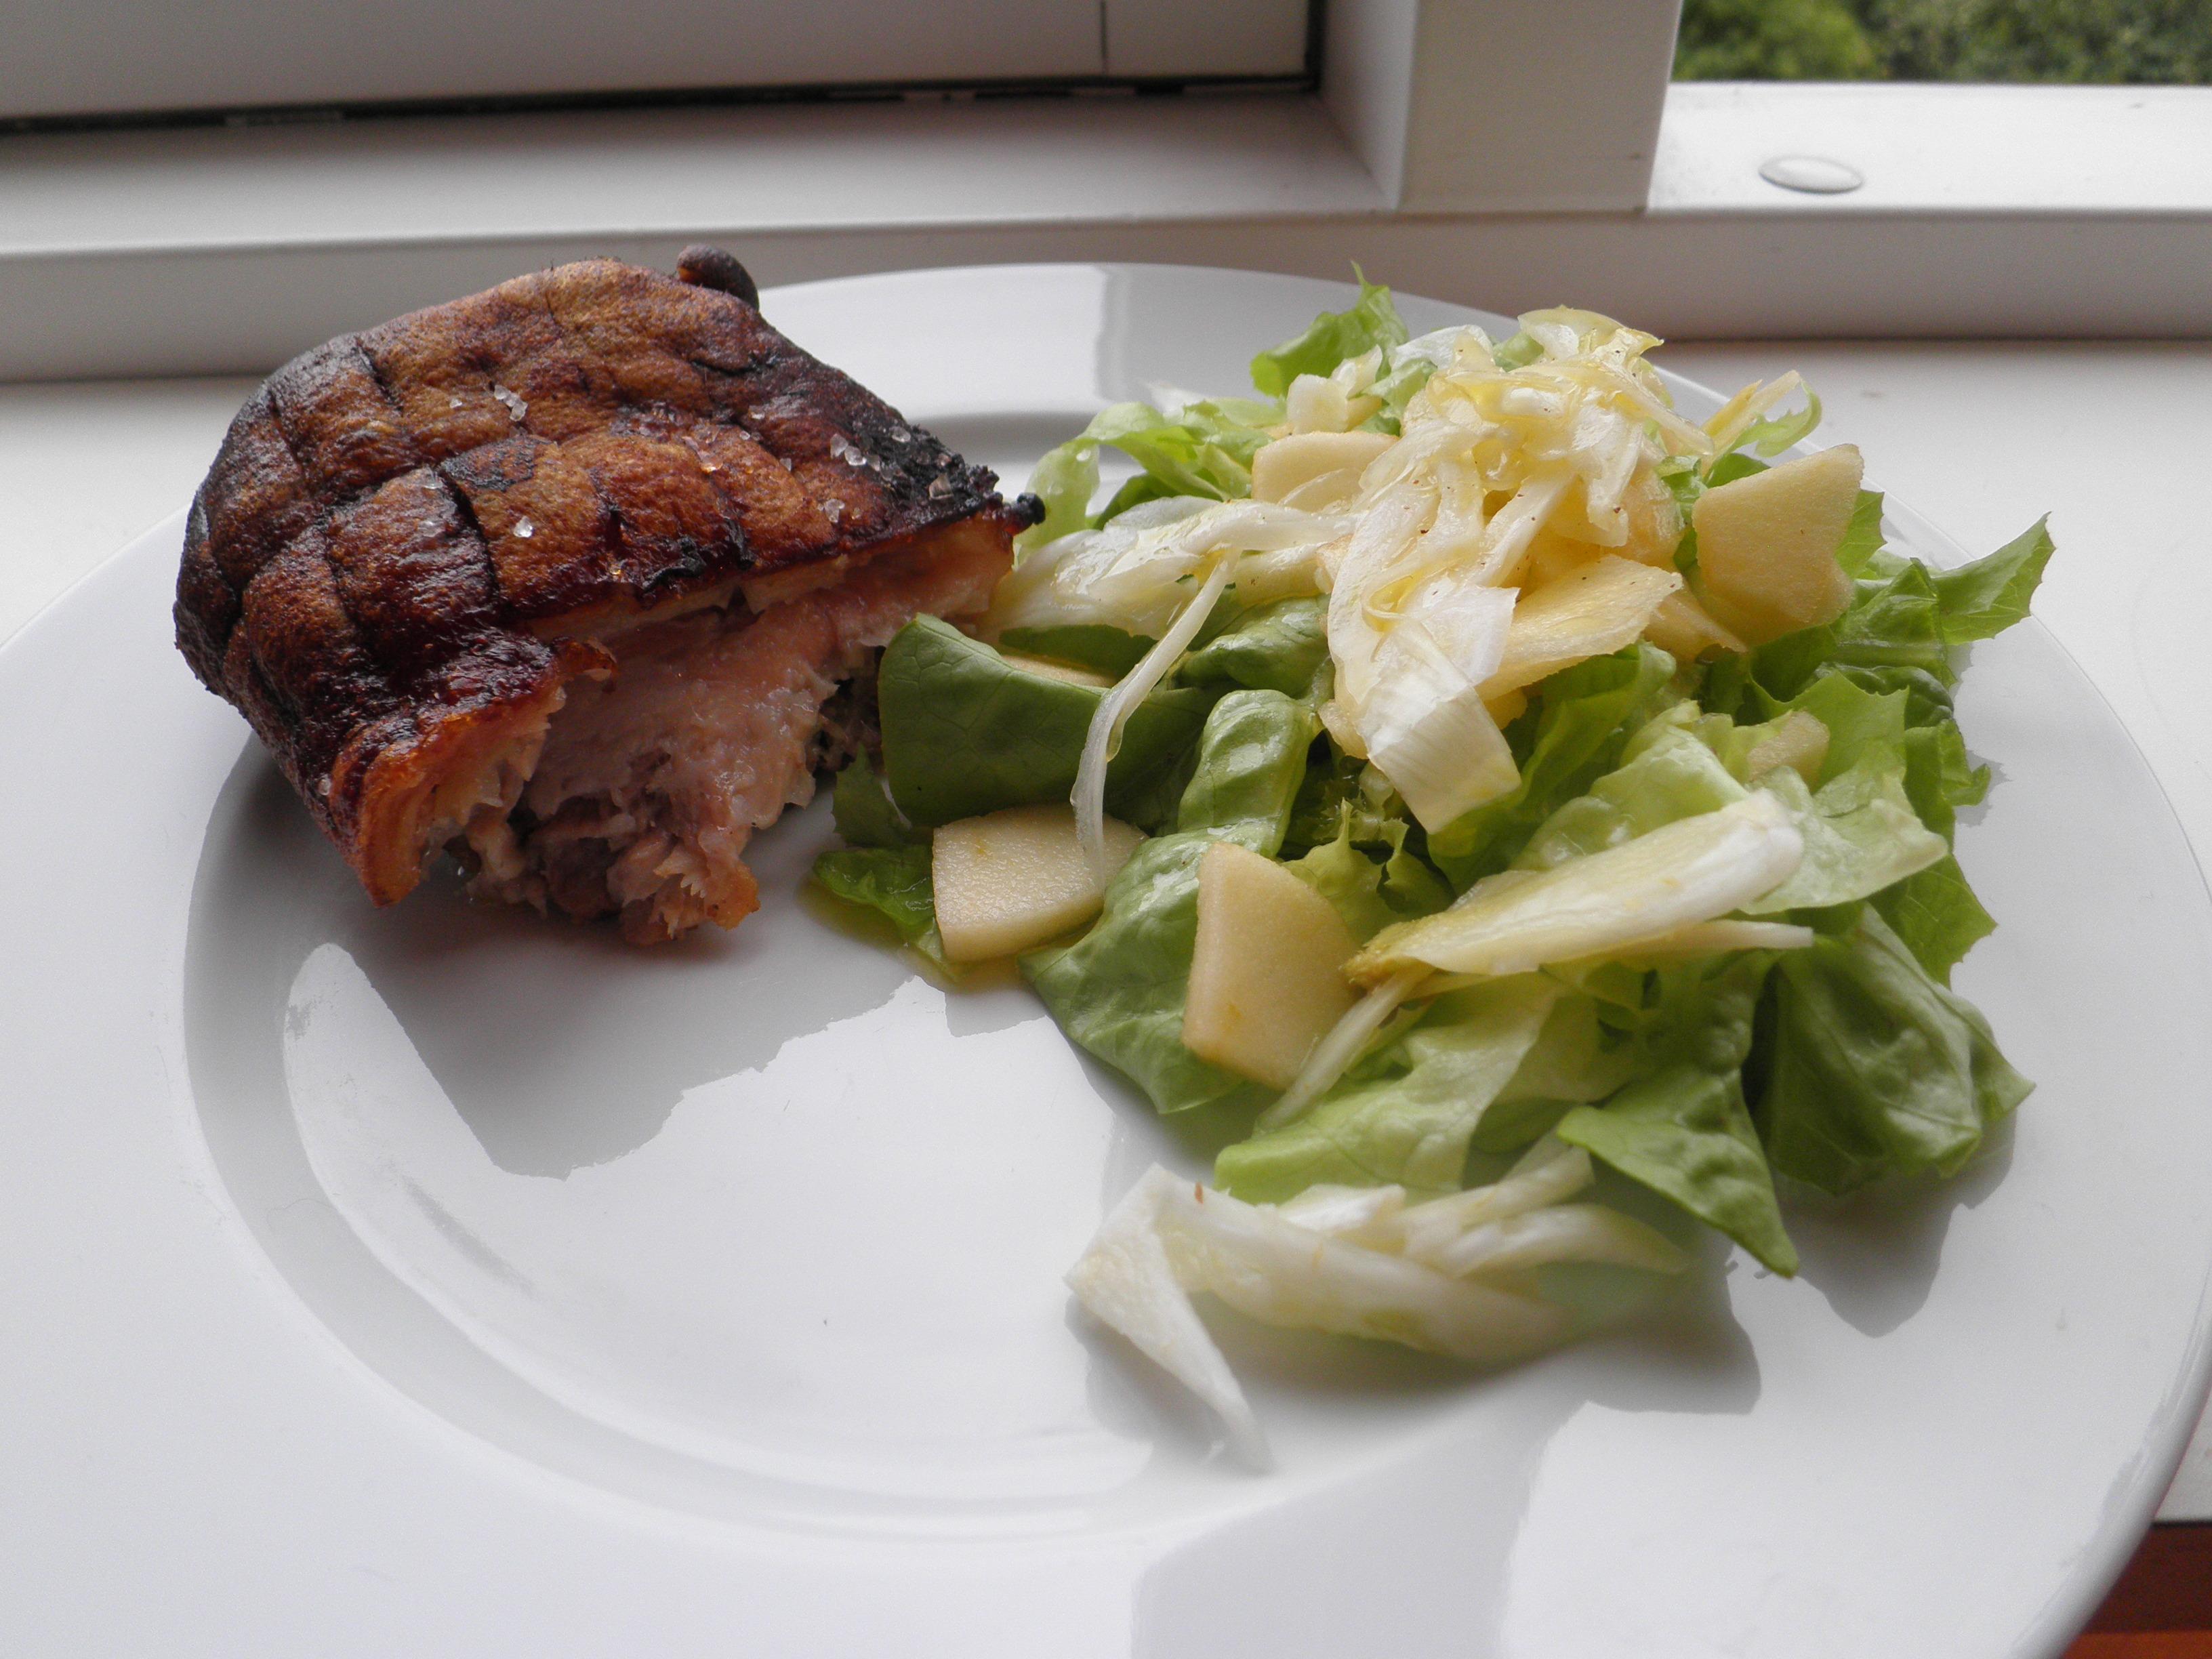 Svineskank med æble og fennikelsalat | Love food love cooking